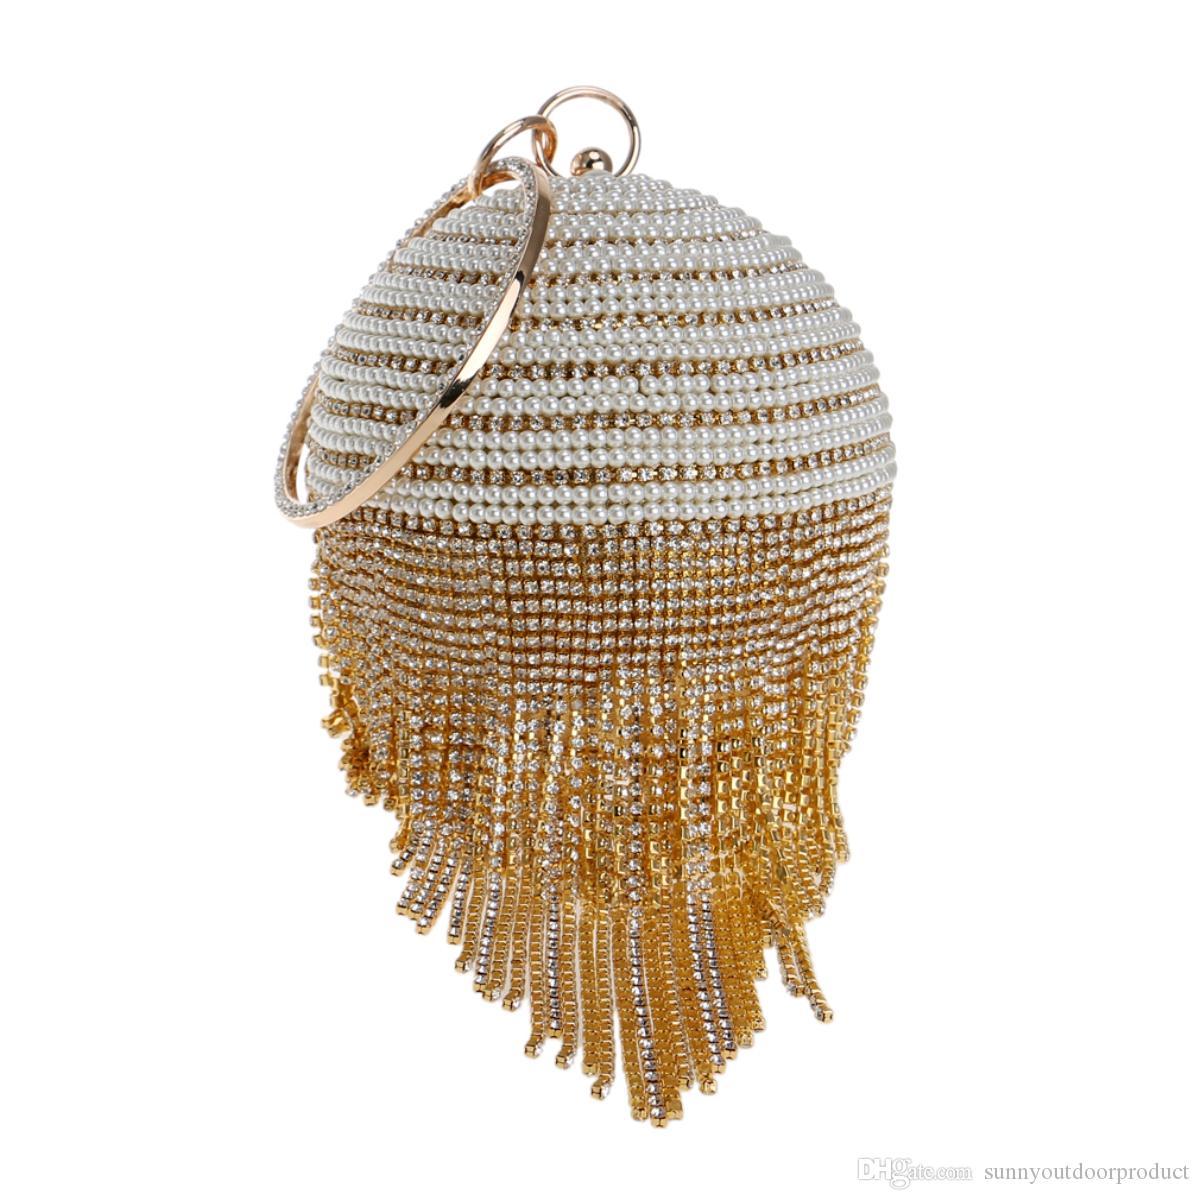 ee3ad35bff New Fashion Women Circular Rhinestone Diamond Tassel Beaded Evening Bag  Lady Wristlet Clutch Bag Handbag Purse For Wedding Party Dinner